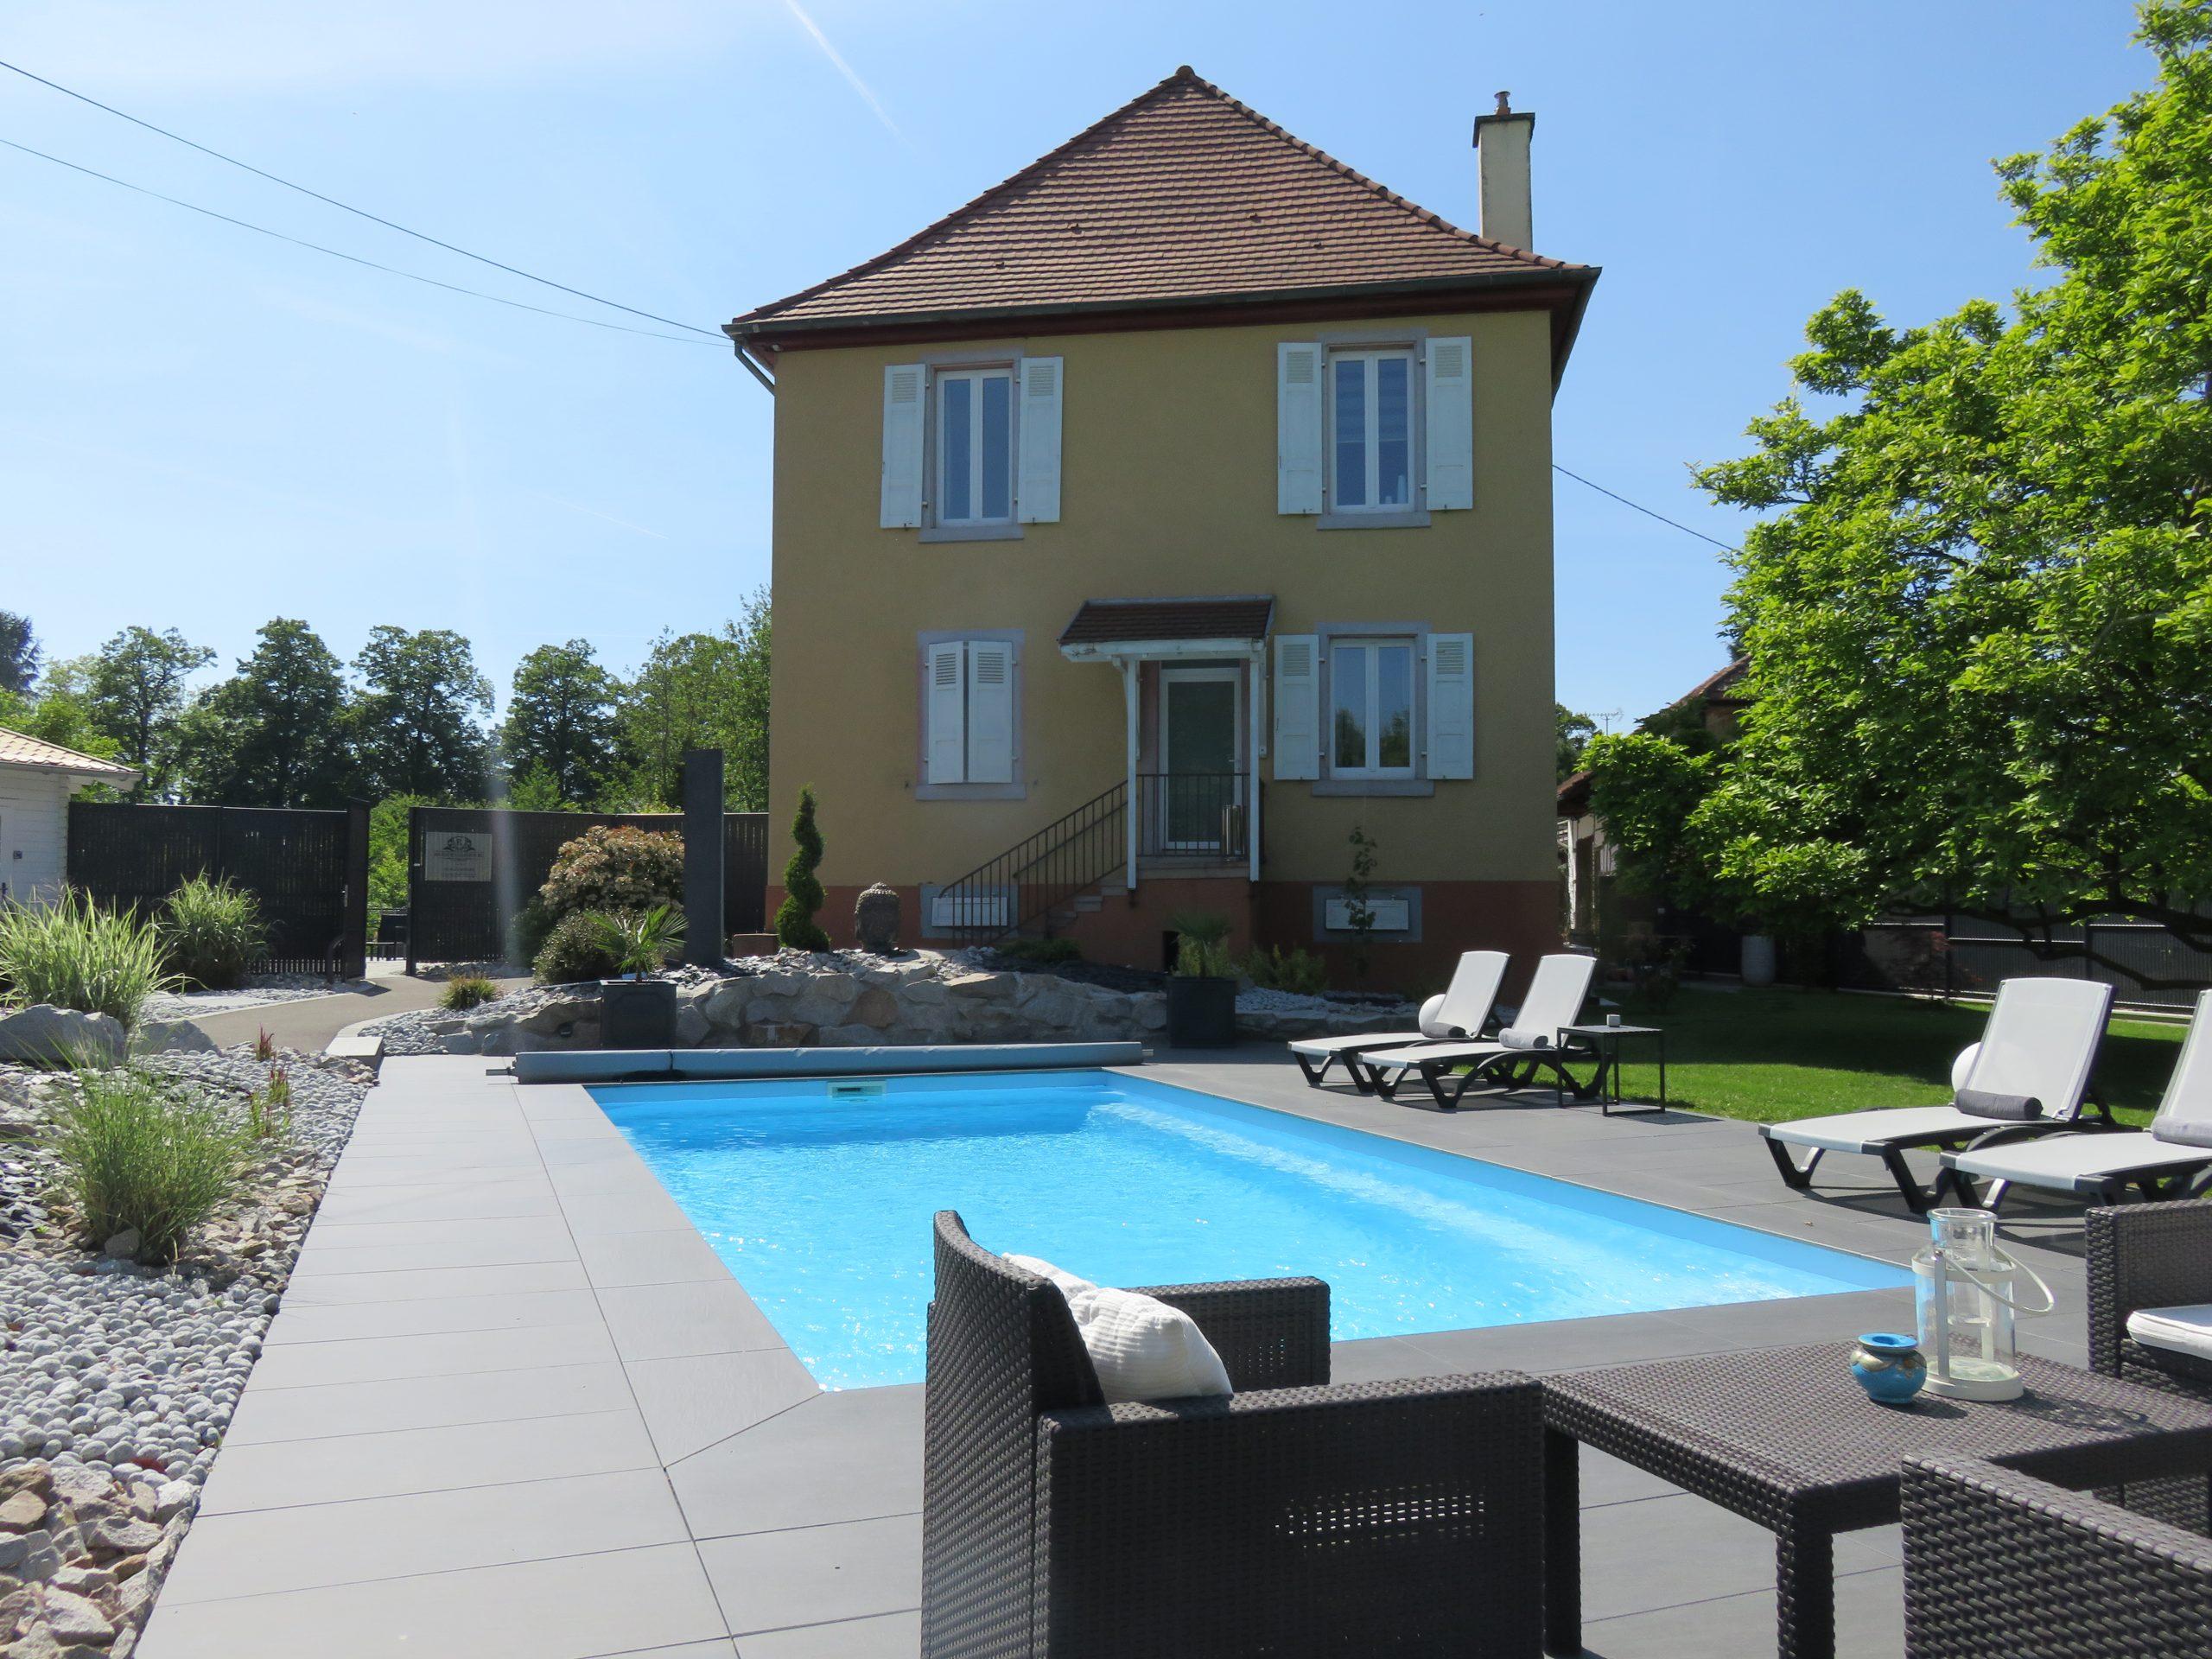 Maison ou immeuble à vendre - RBM IMMO 68 Ensisheim (Alsace)